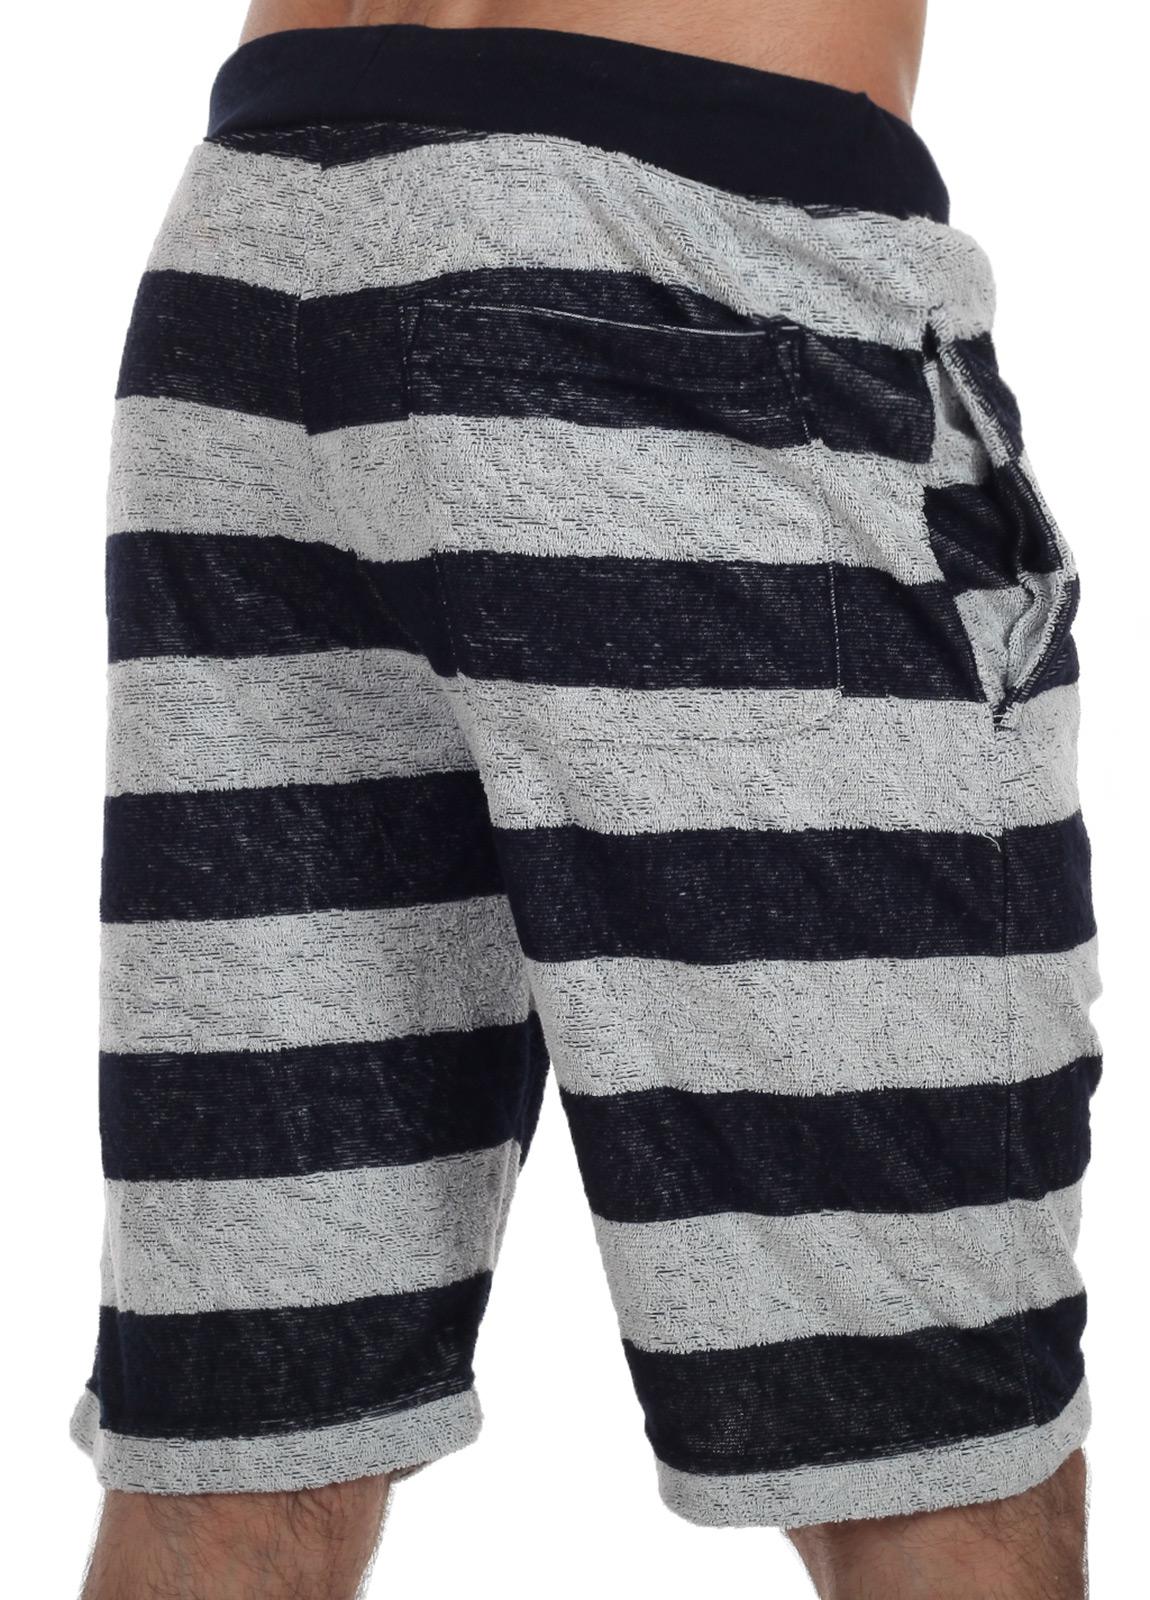 Купить шорты для дома – очень приятная к телу полосатая модель на каждый день